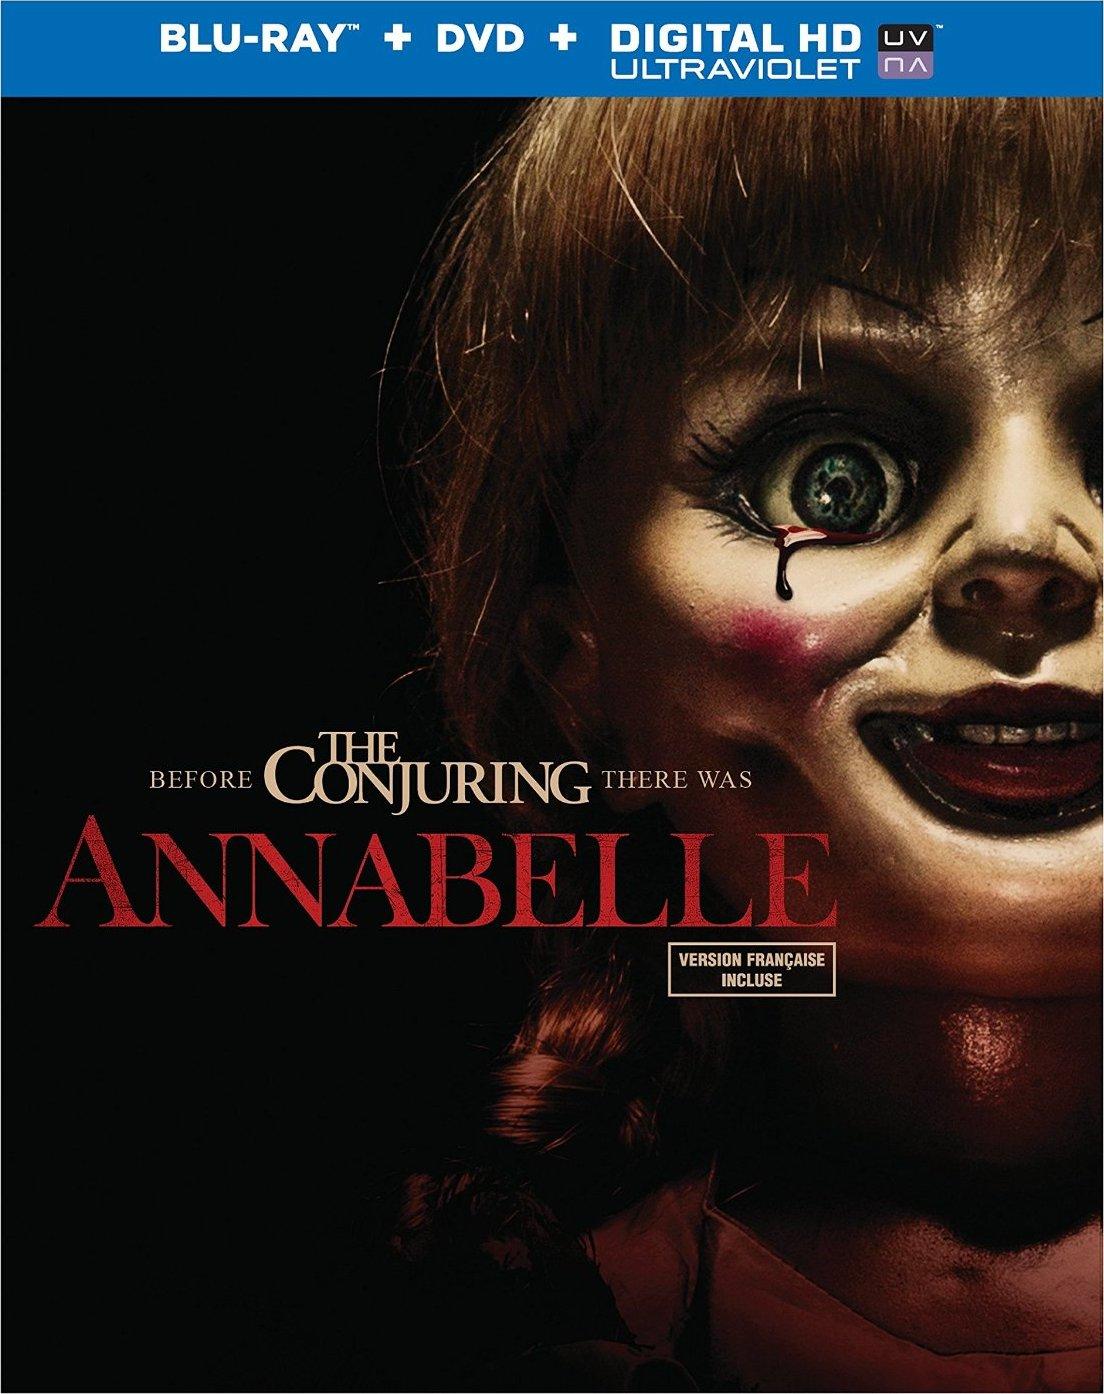 2014美国恐怖片《安娜贝尔/诡娃安娜贝尔》高清720P版BD中英双字幕-电影下载网站